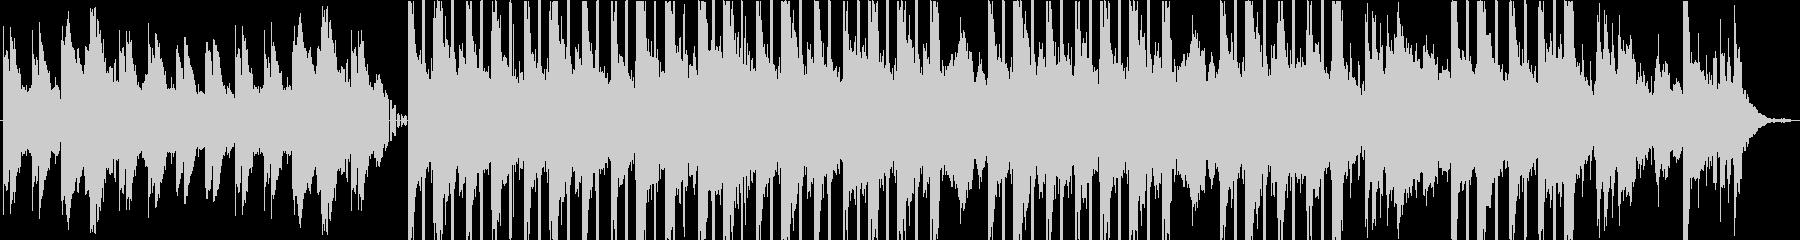 不思議な雰囲気のピアノのBGMの未再生の波形